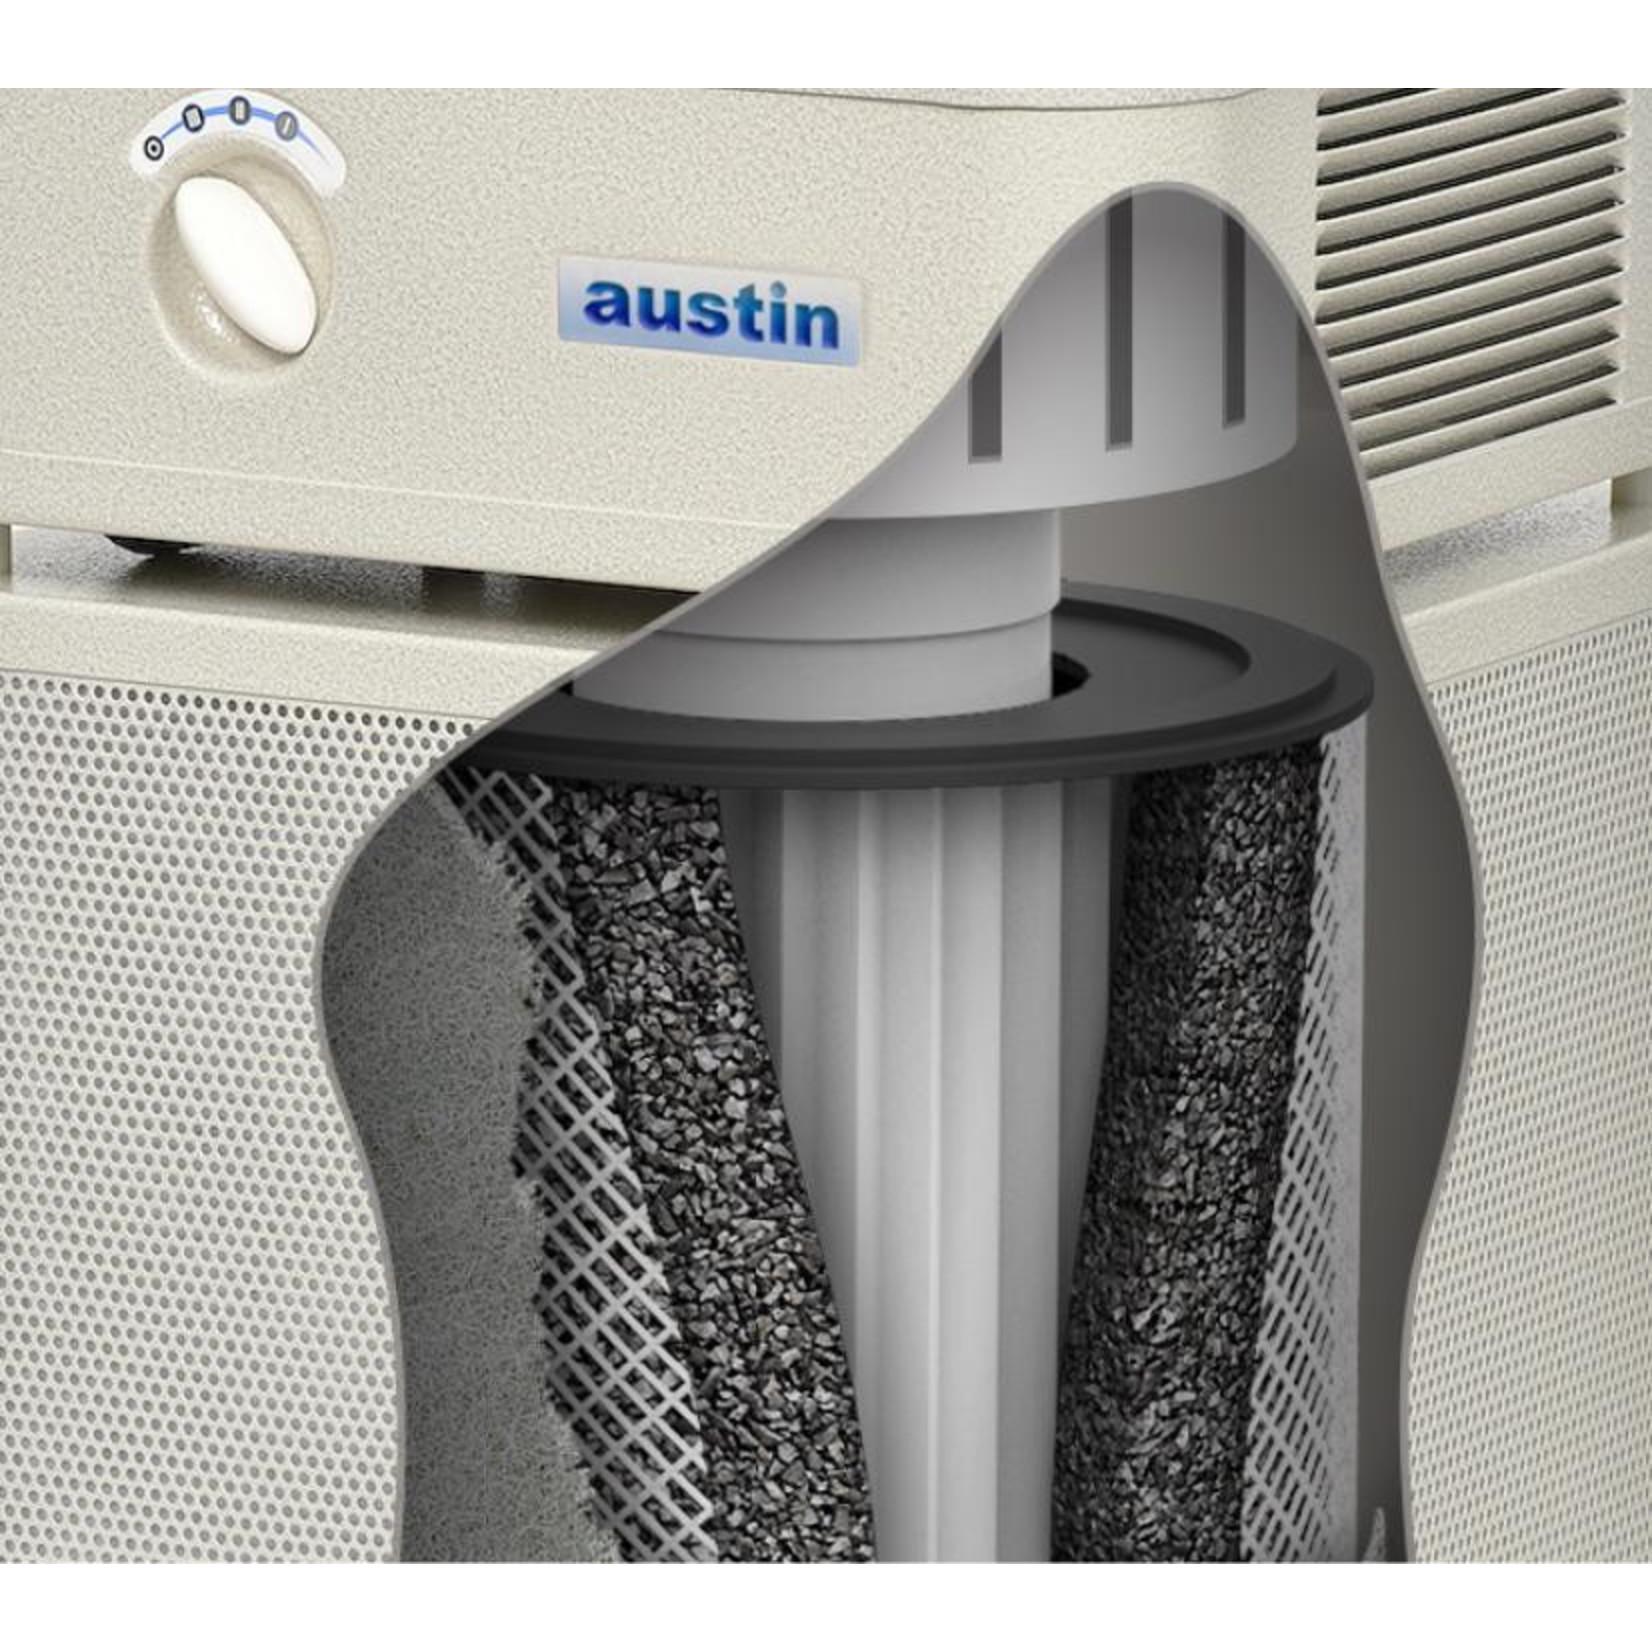 AUSTIN AIR HEALTHMATE HM400